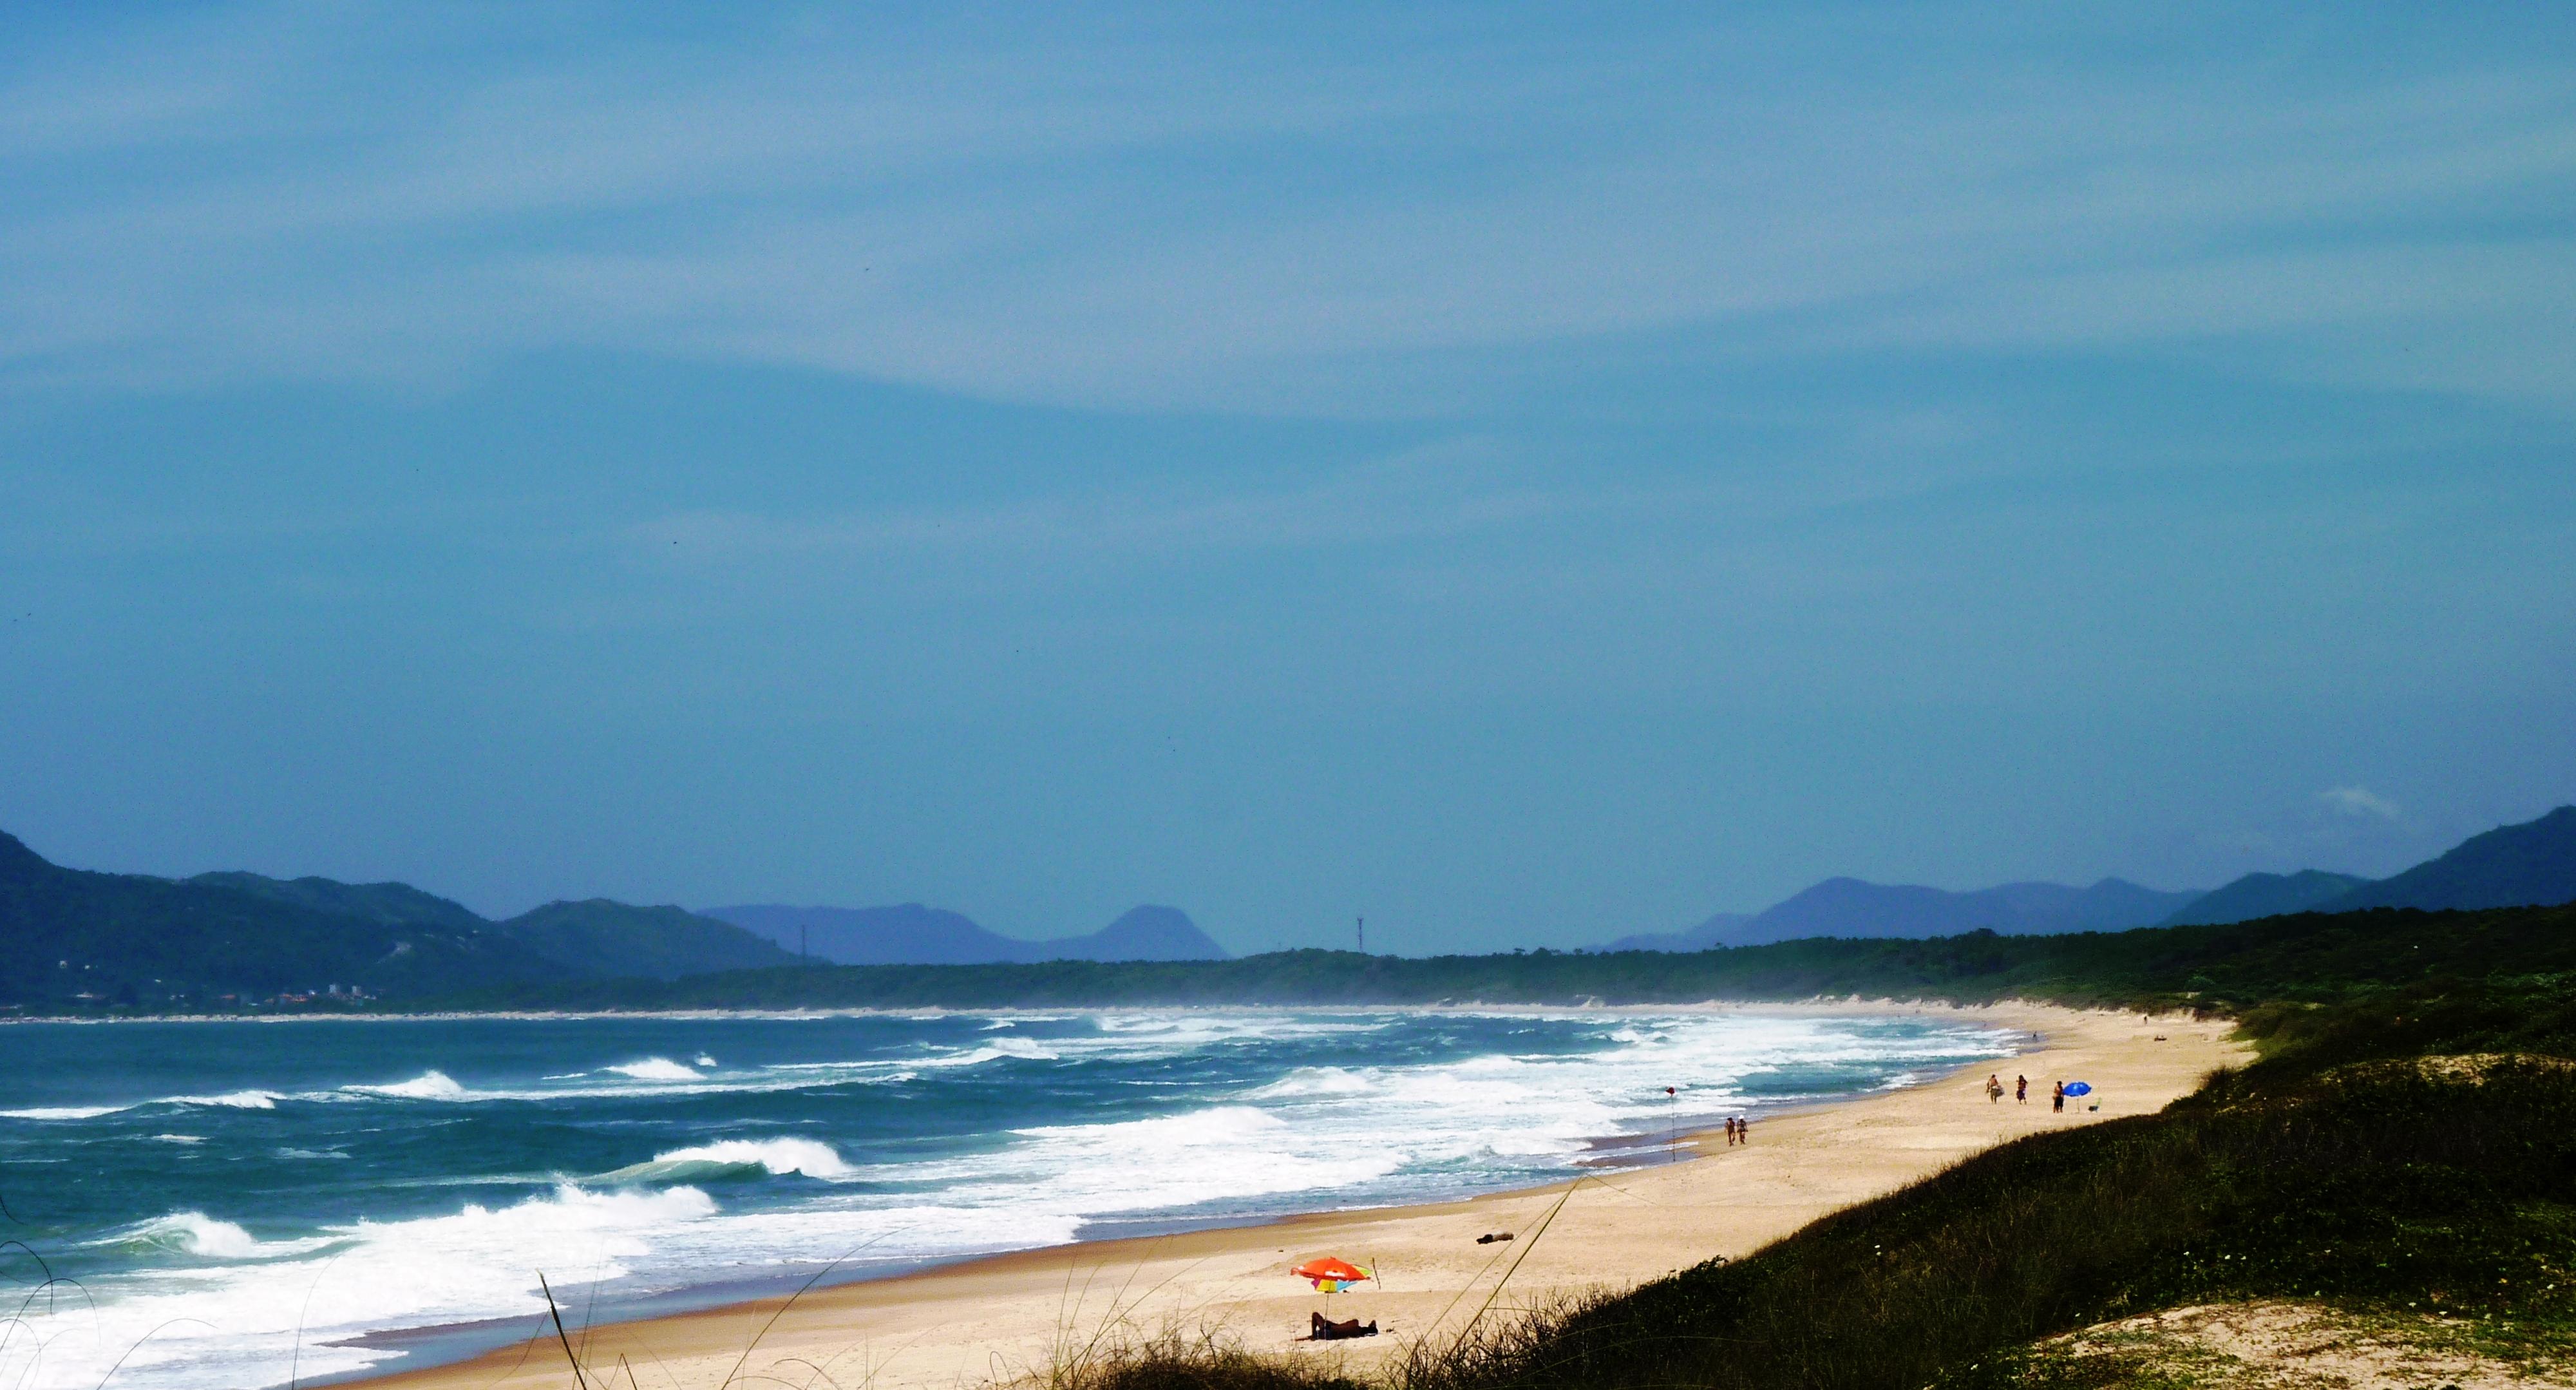 praia do moçambique em florianópolis, destino de surf